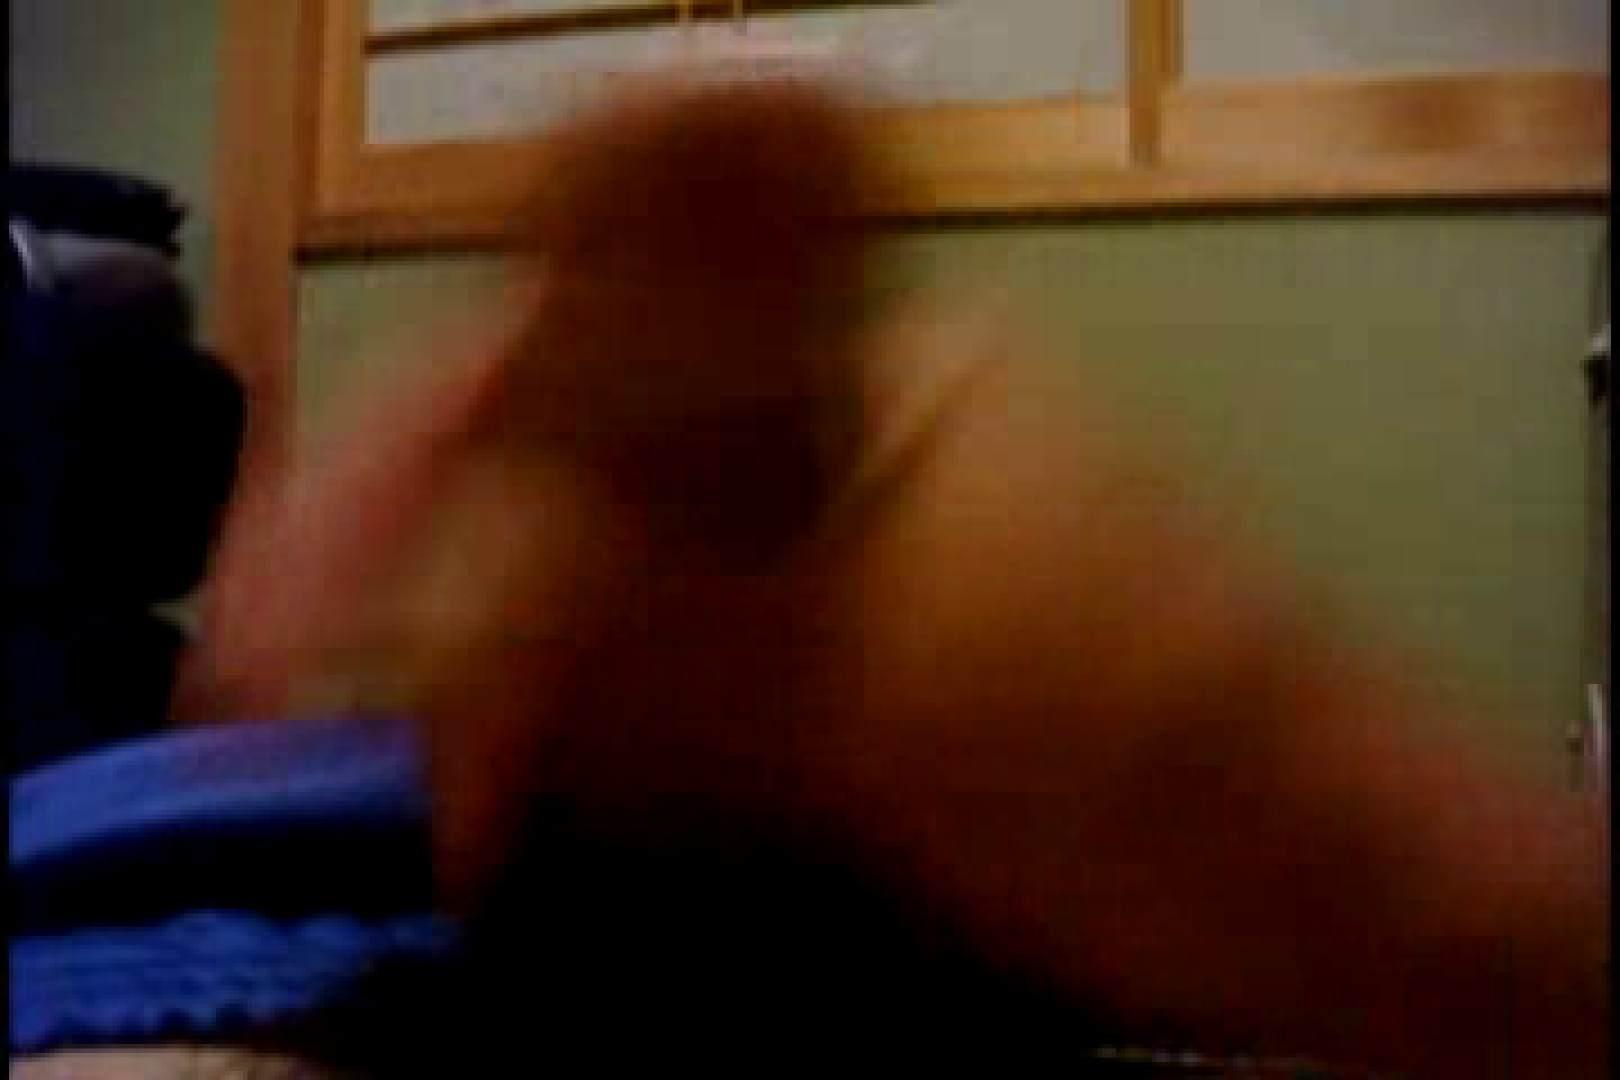 オナ好きノンケテニス部員の自画撮り投稿vol.02 無修正 ゲイエロ動画 89pic 47